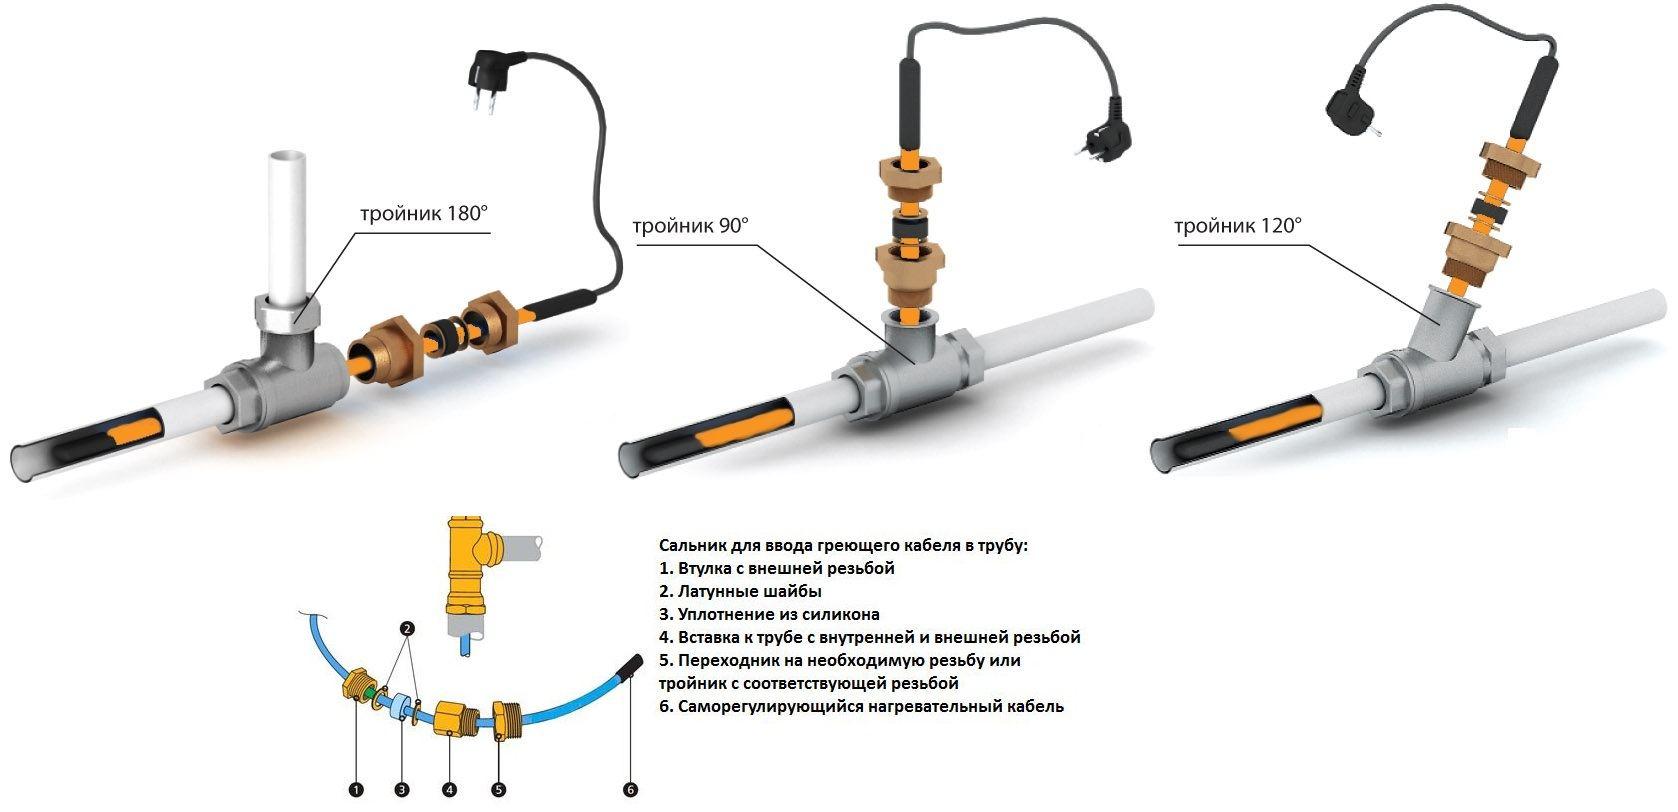 Как выбрать греющий кабель для обогрева труб: 9 советов | строительный блог вити петрова